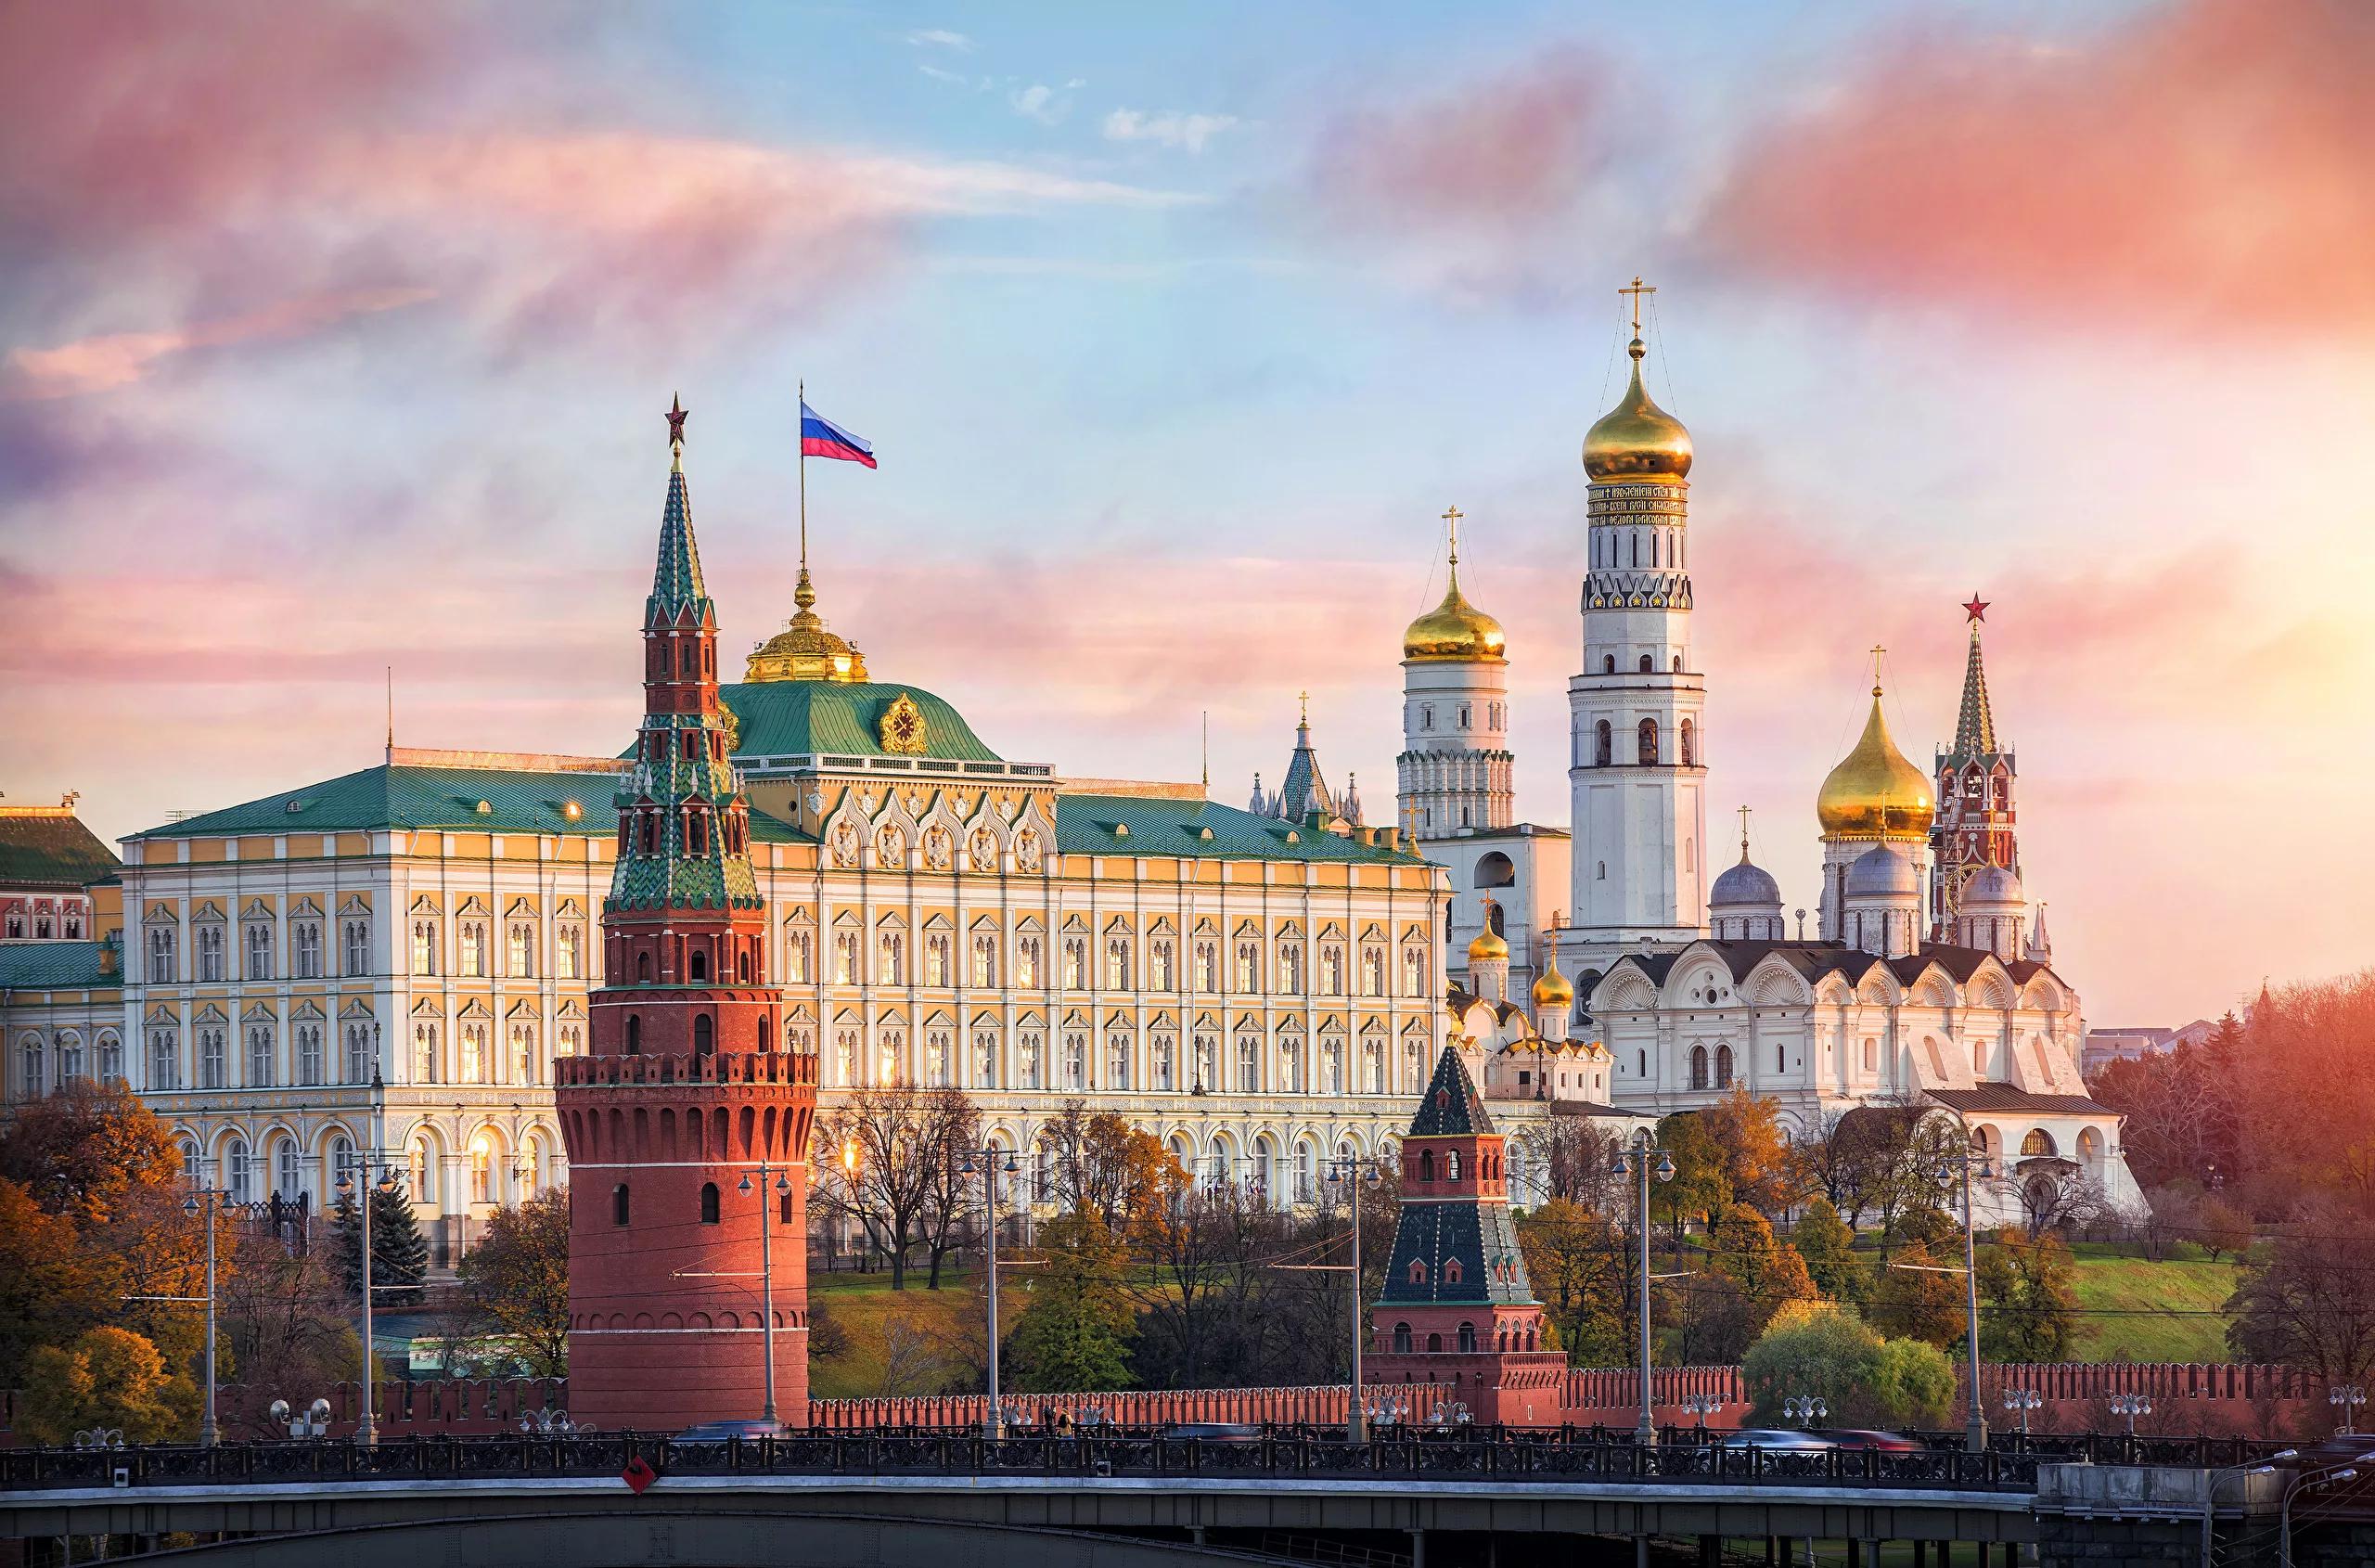 Московский кремль - модель идеального русского города, центром которого является храм Божий